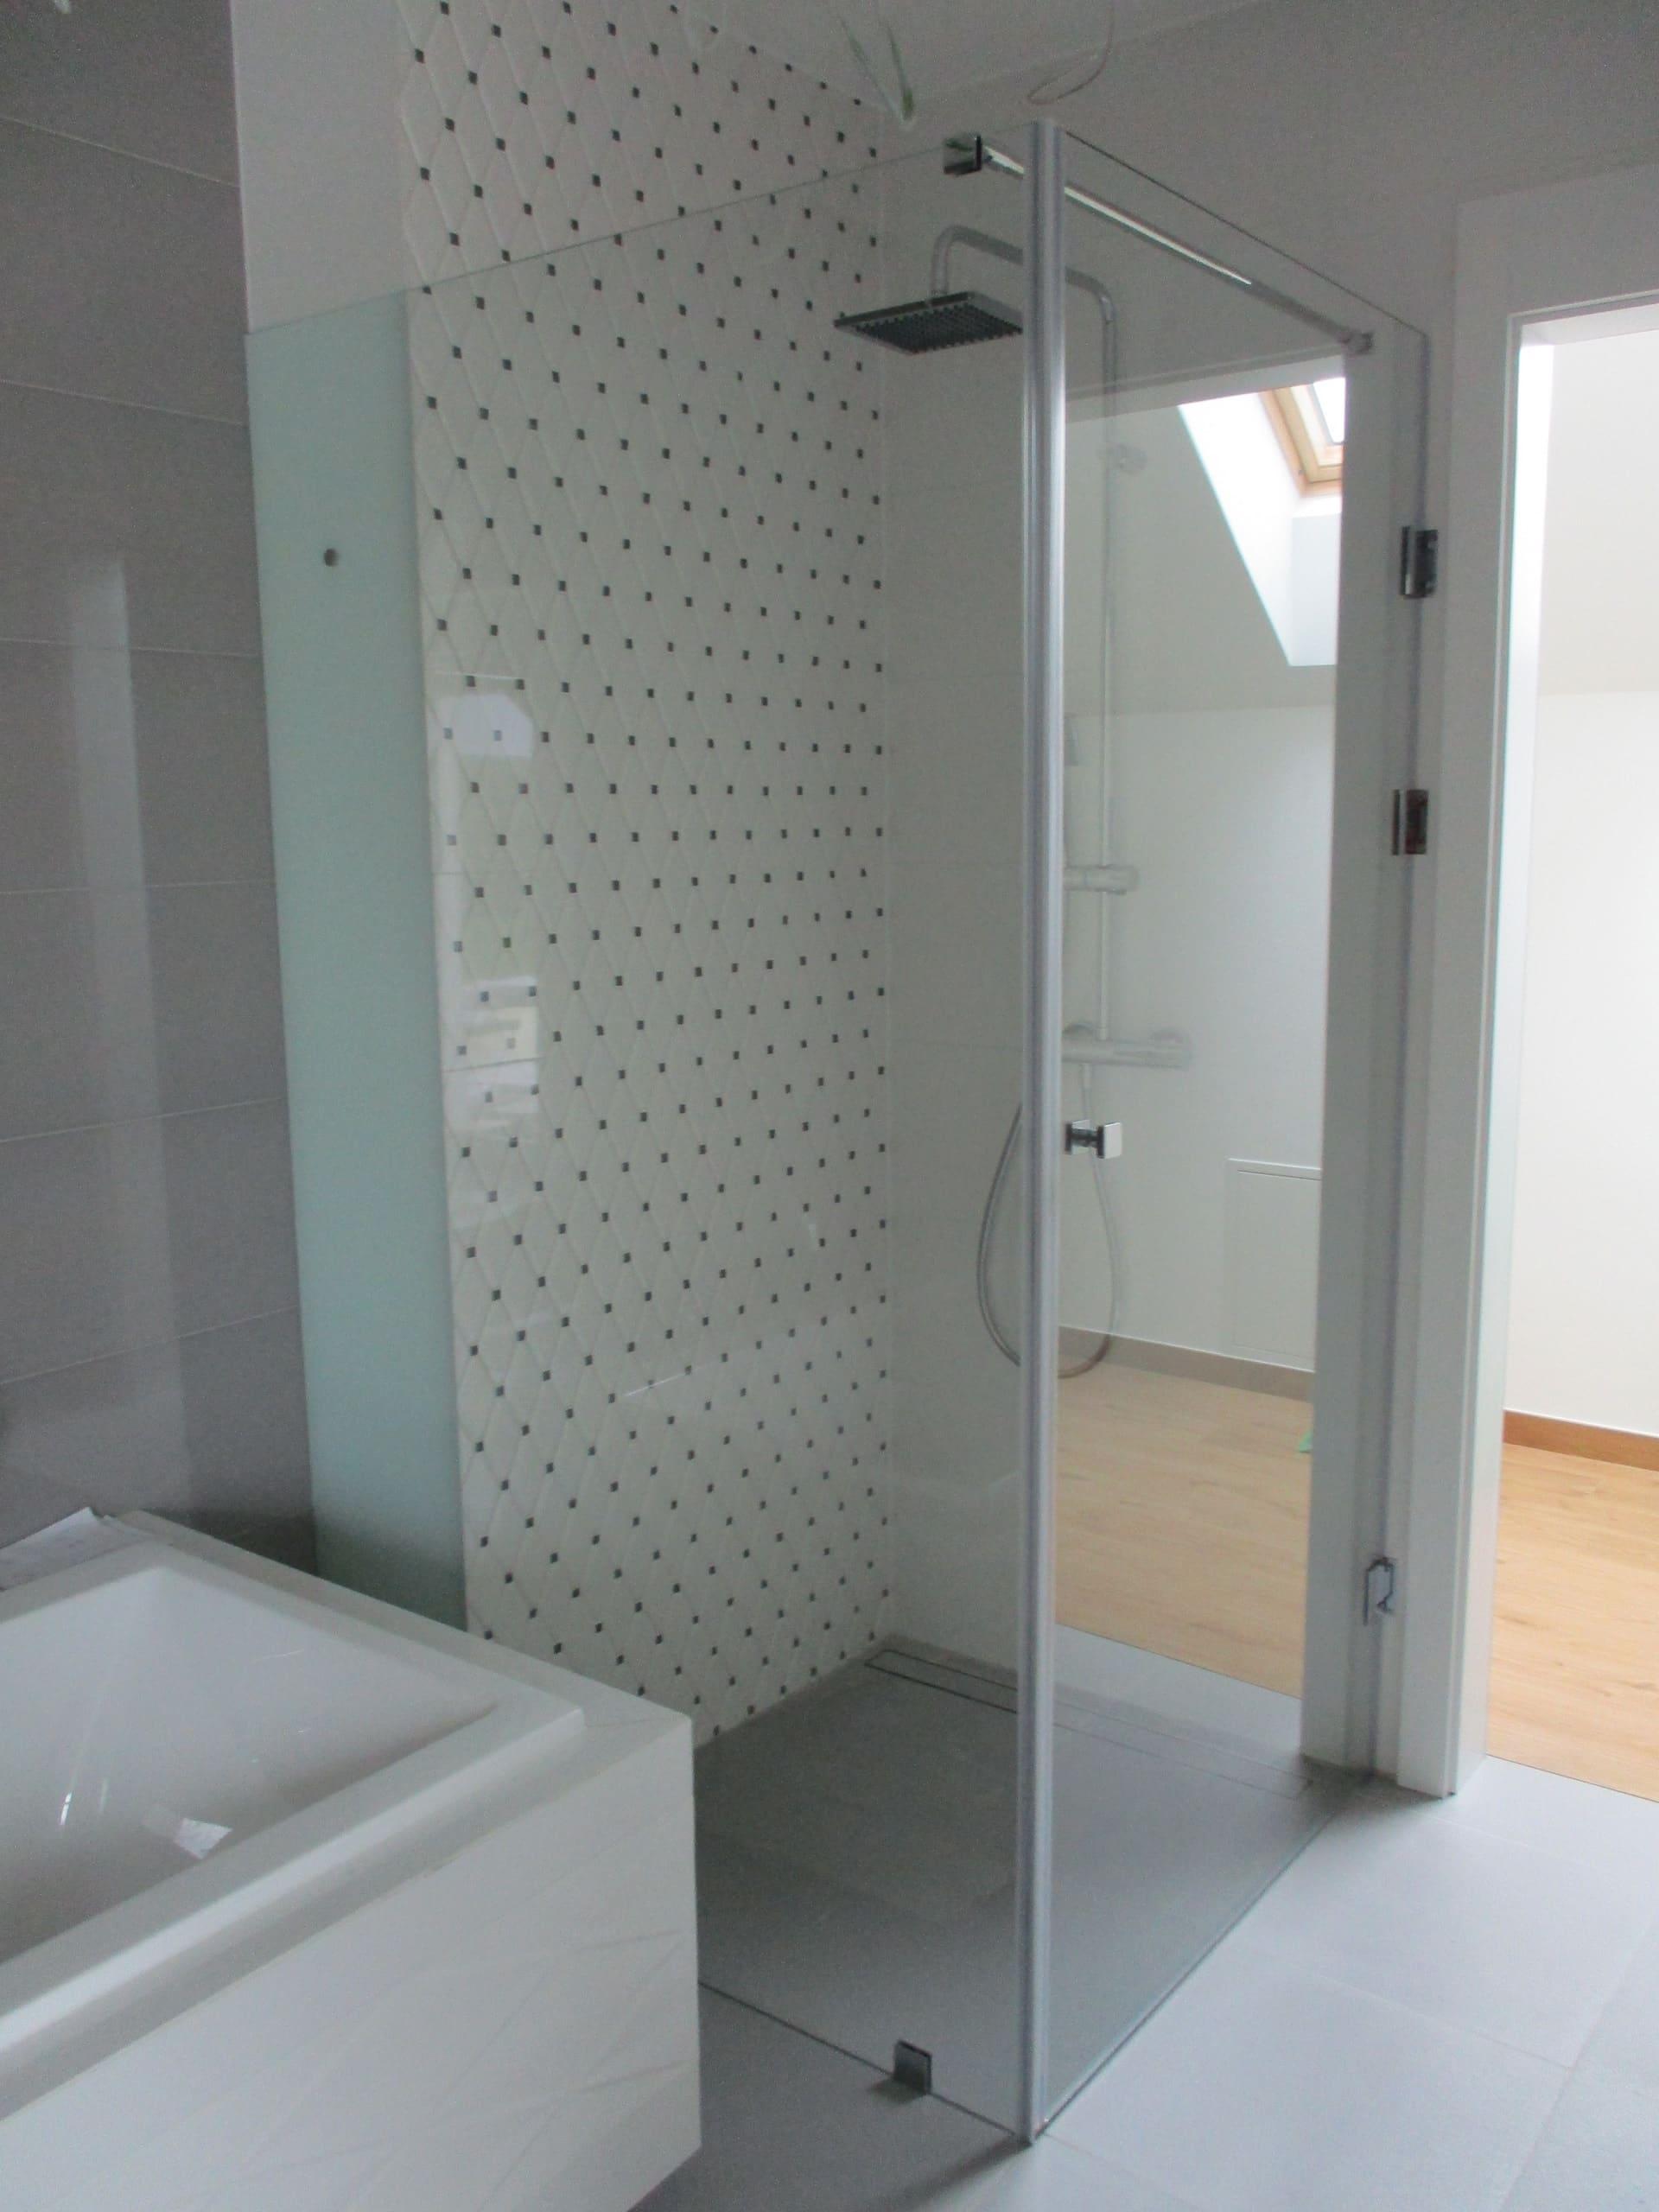 kabina prysznicowa szklana